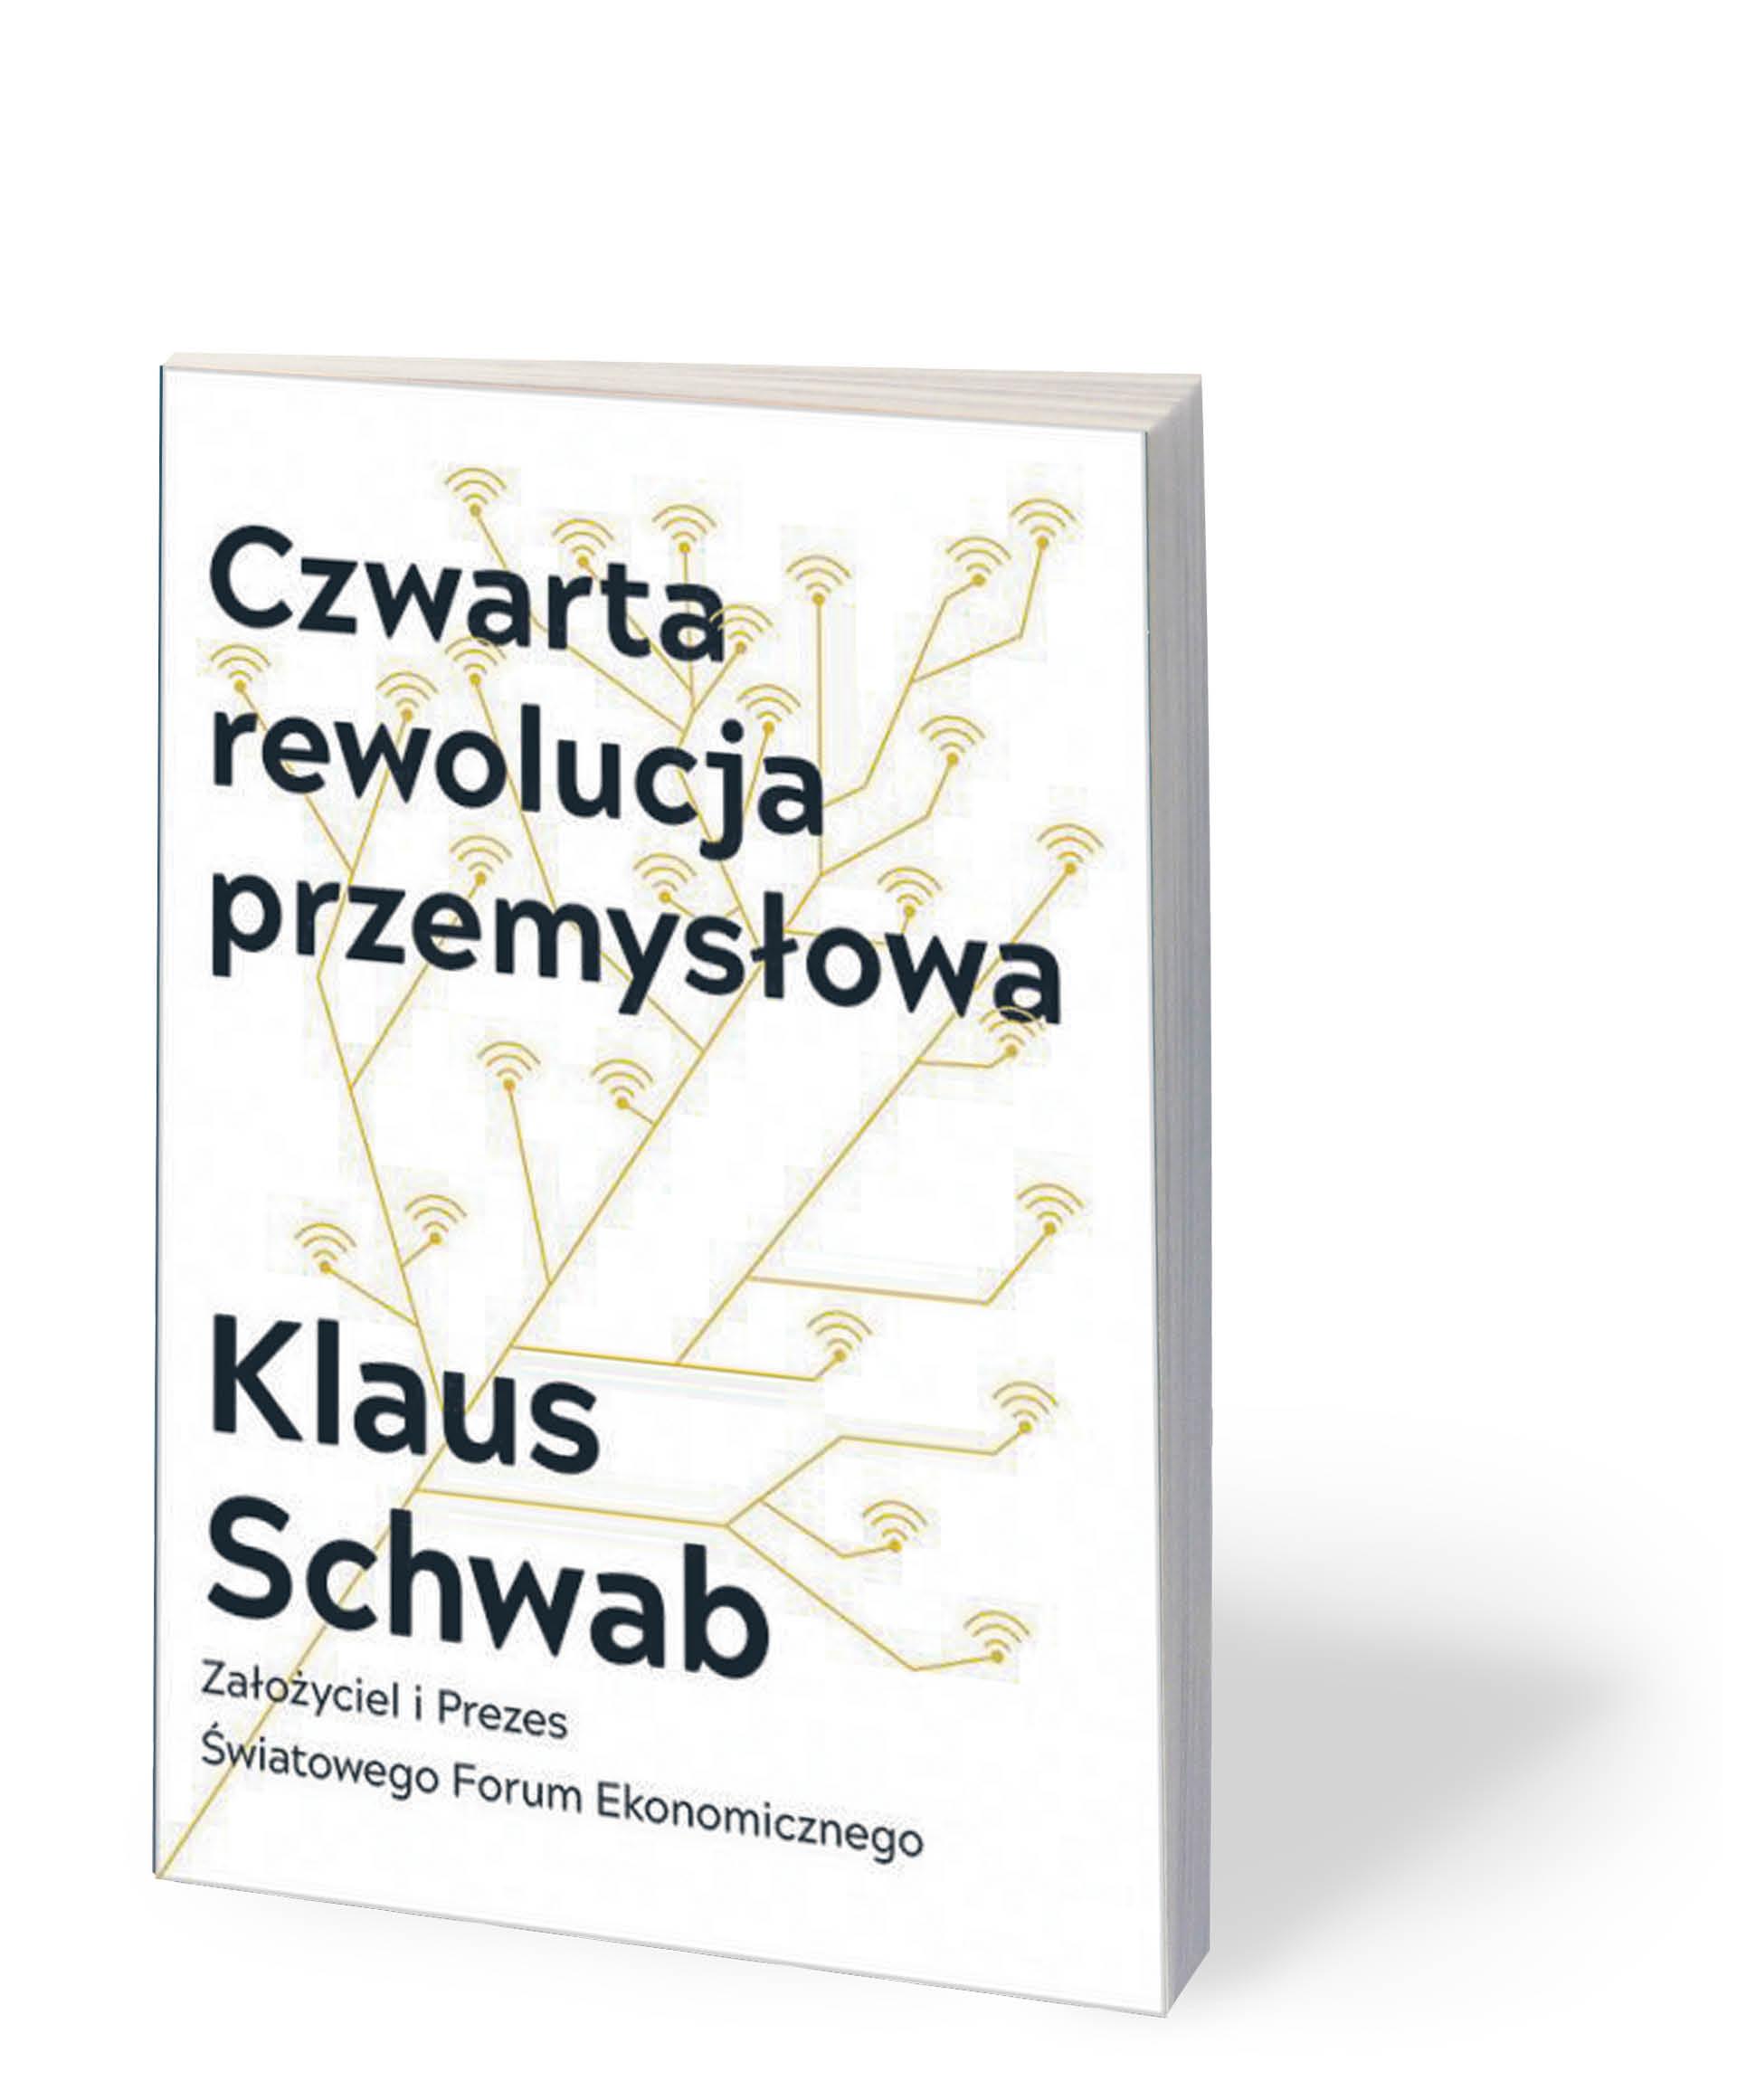 """Klaus Schwab, """"Czwarta rewolucja przemysłowa"""", Studio Emka, Warszawa 2018"""